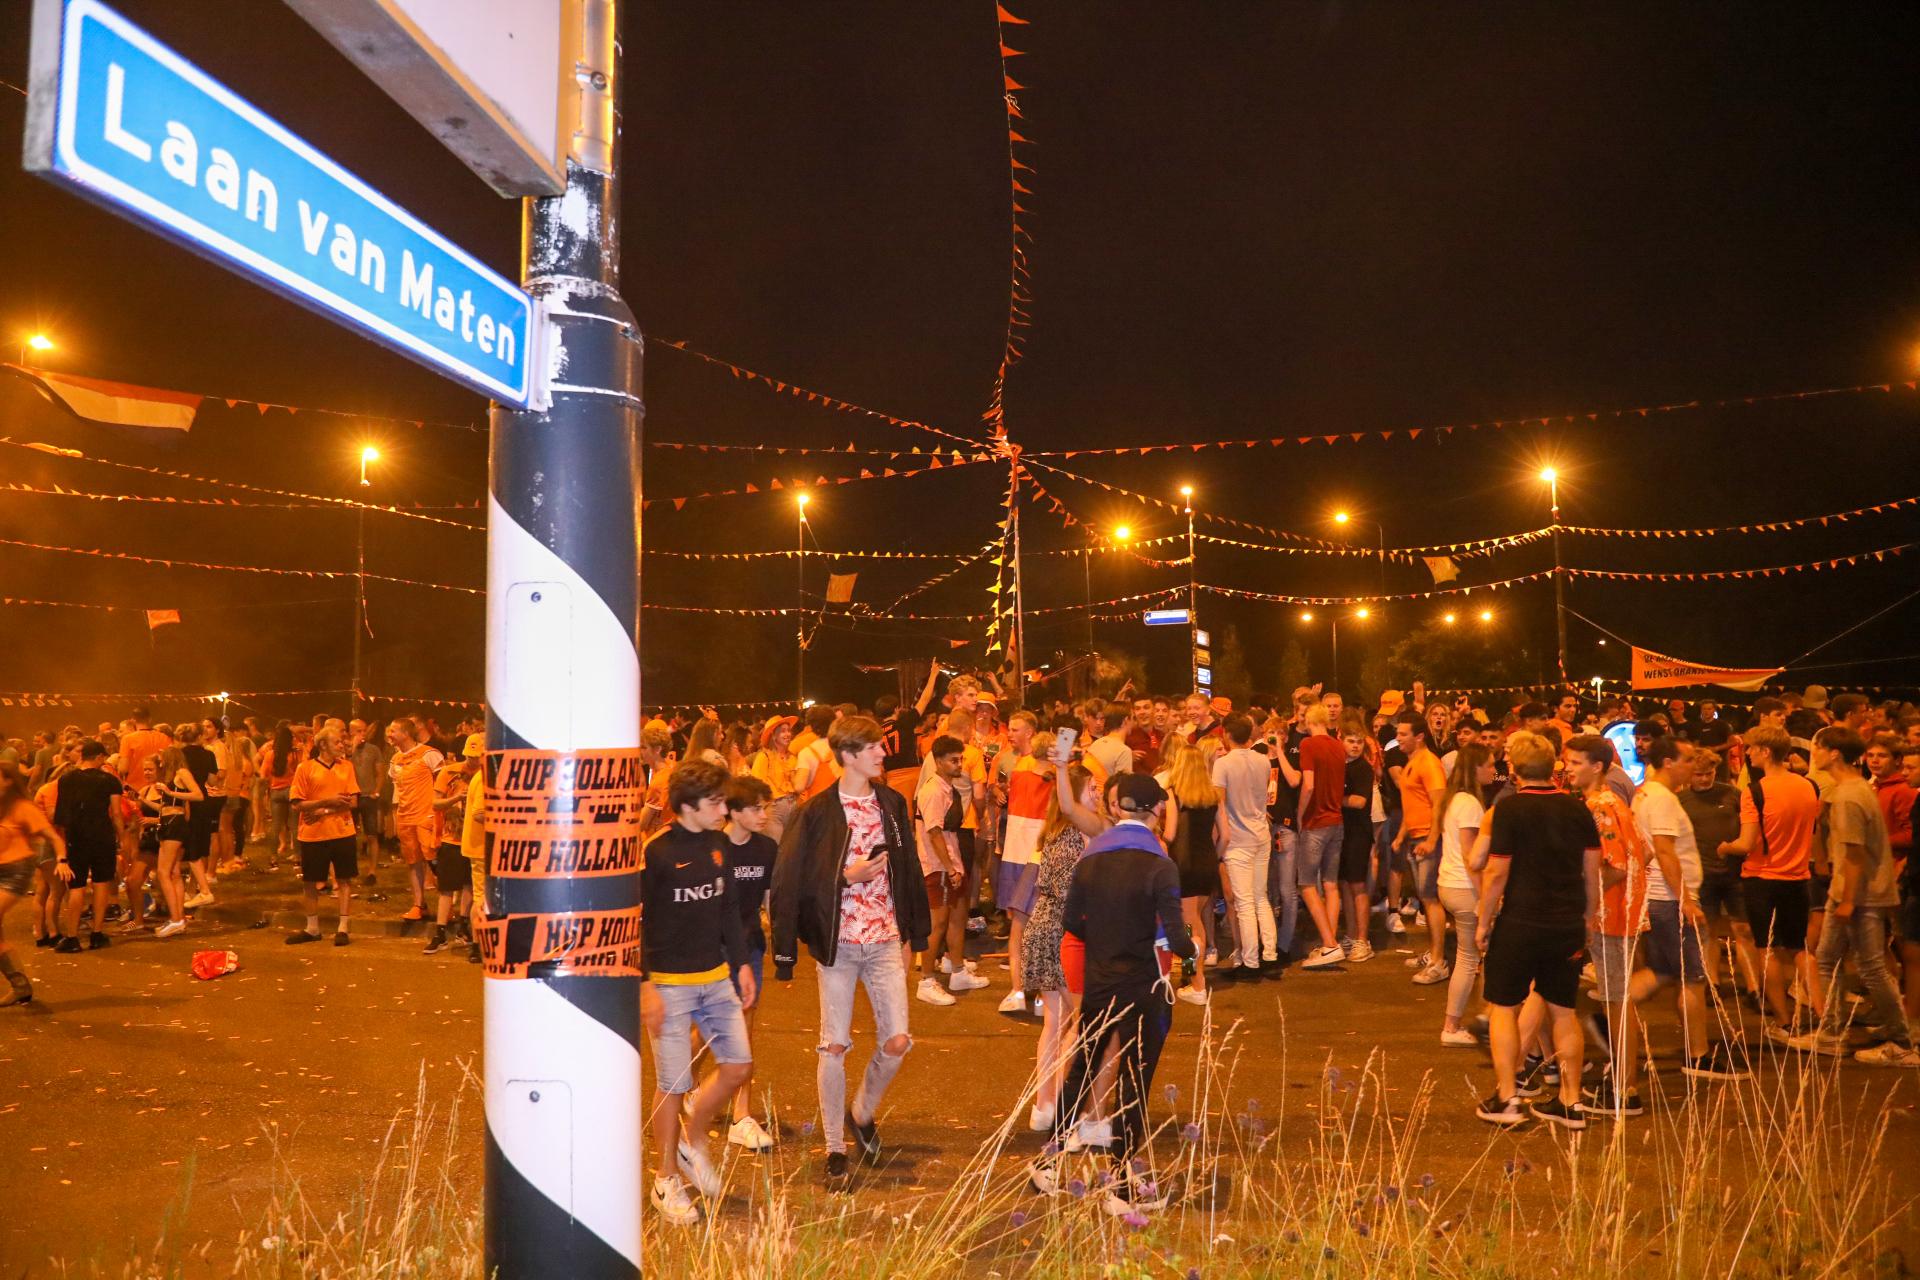 Gebiedsverboden voor vijf feestgangers rotonde De Maten: 'Overlast of letsel accepteren we niet'